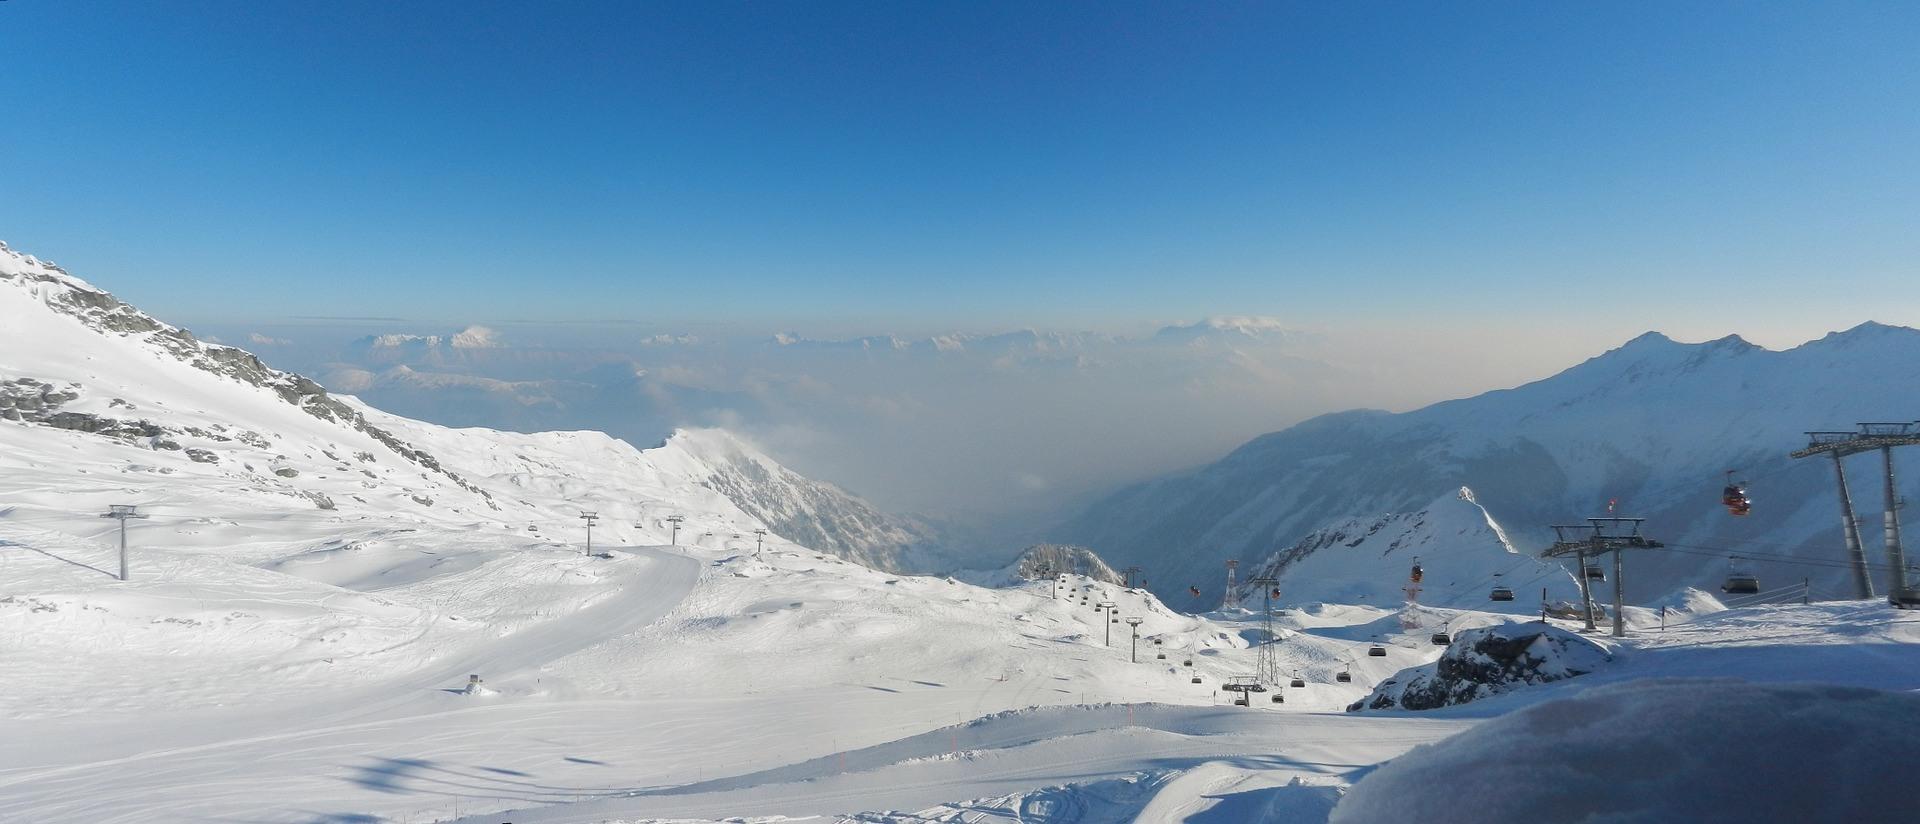 Kitzsteinhorn Oostenrijk sneeuw bergen